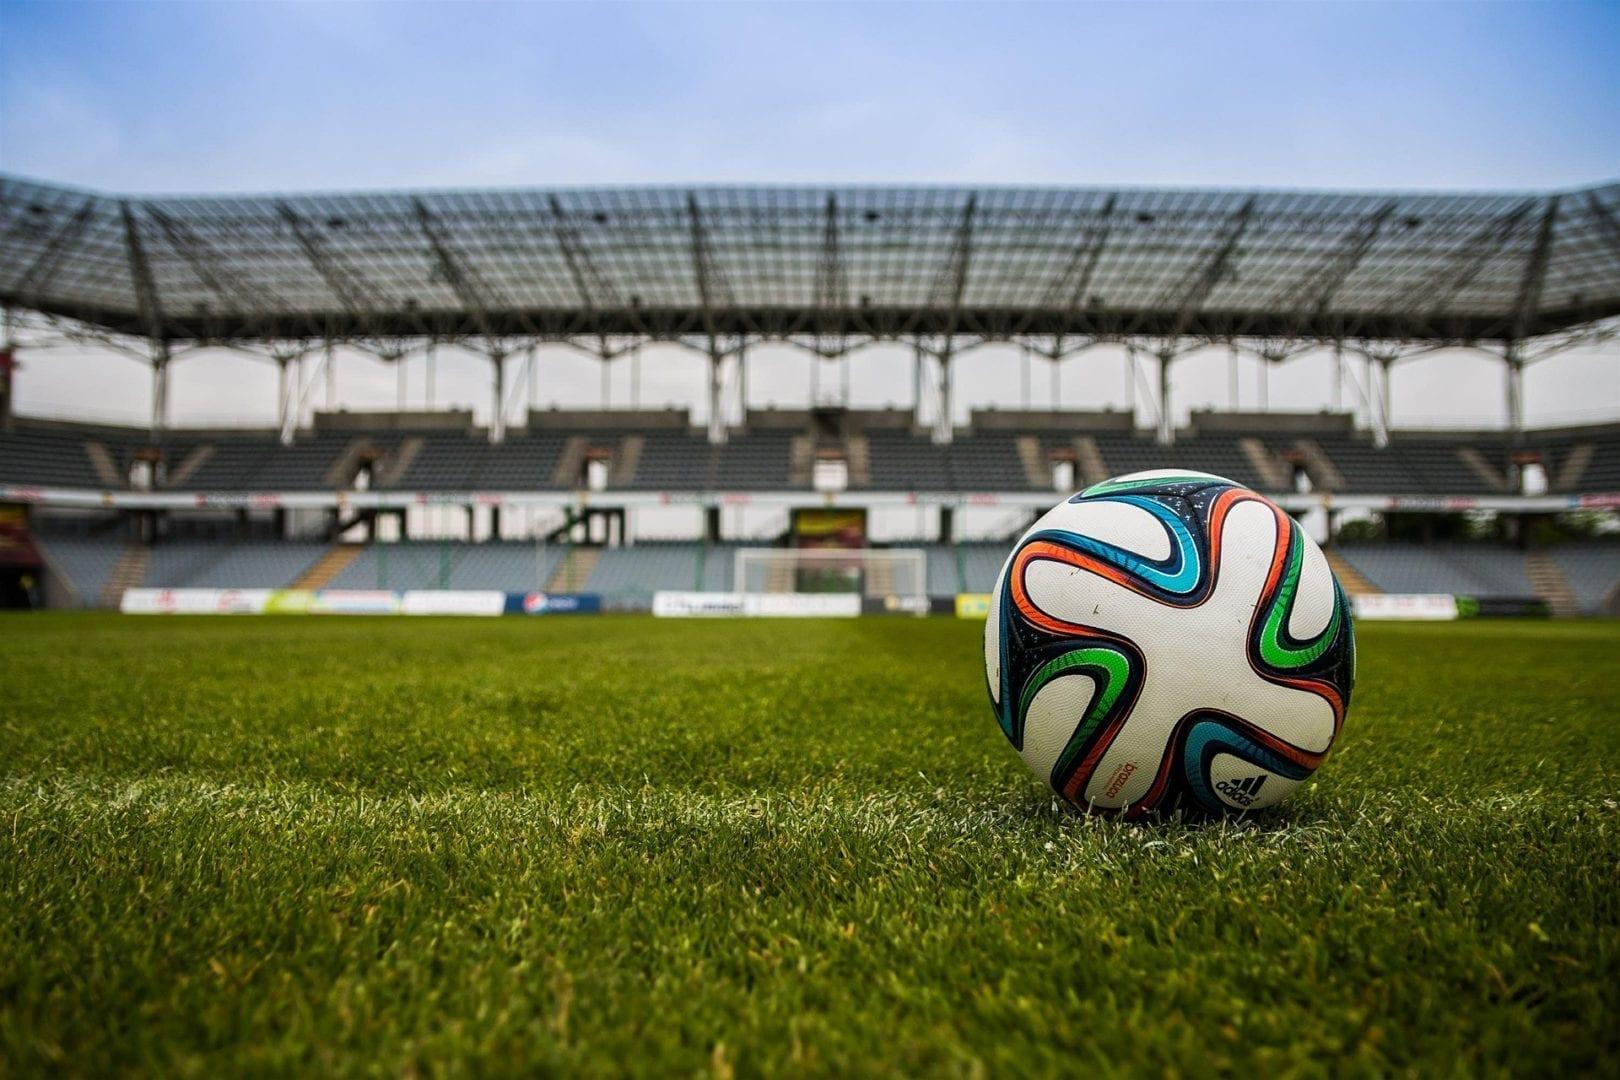 Naming en el fútbol